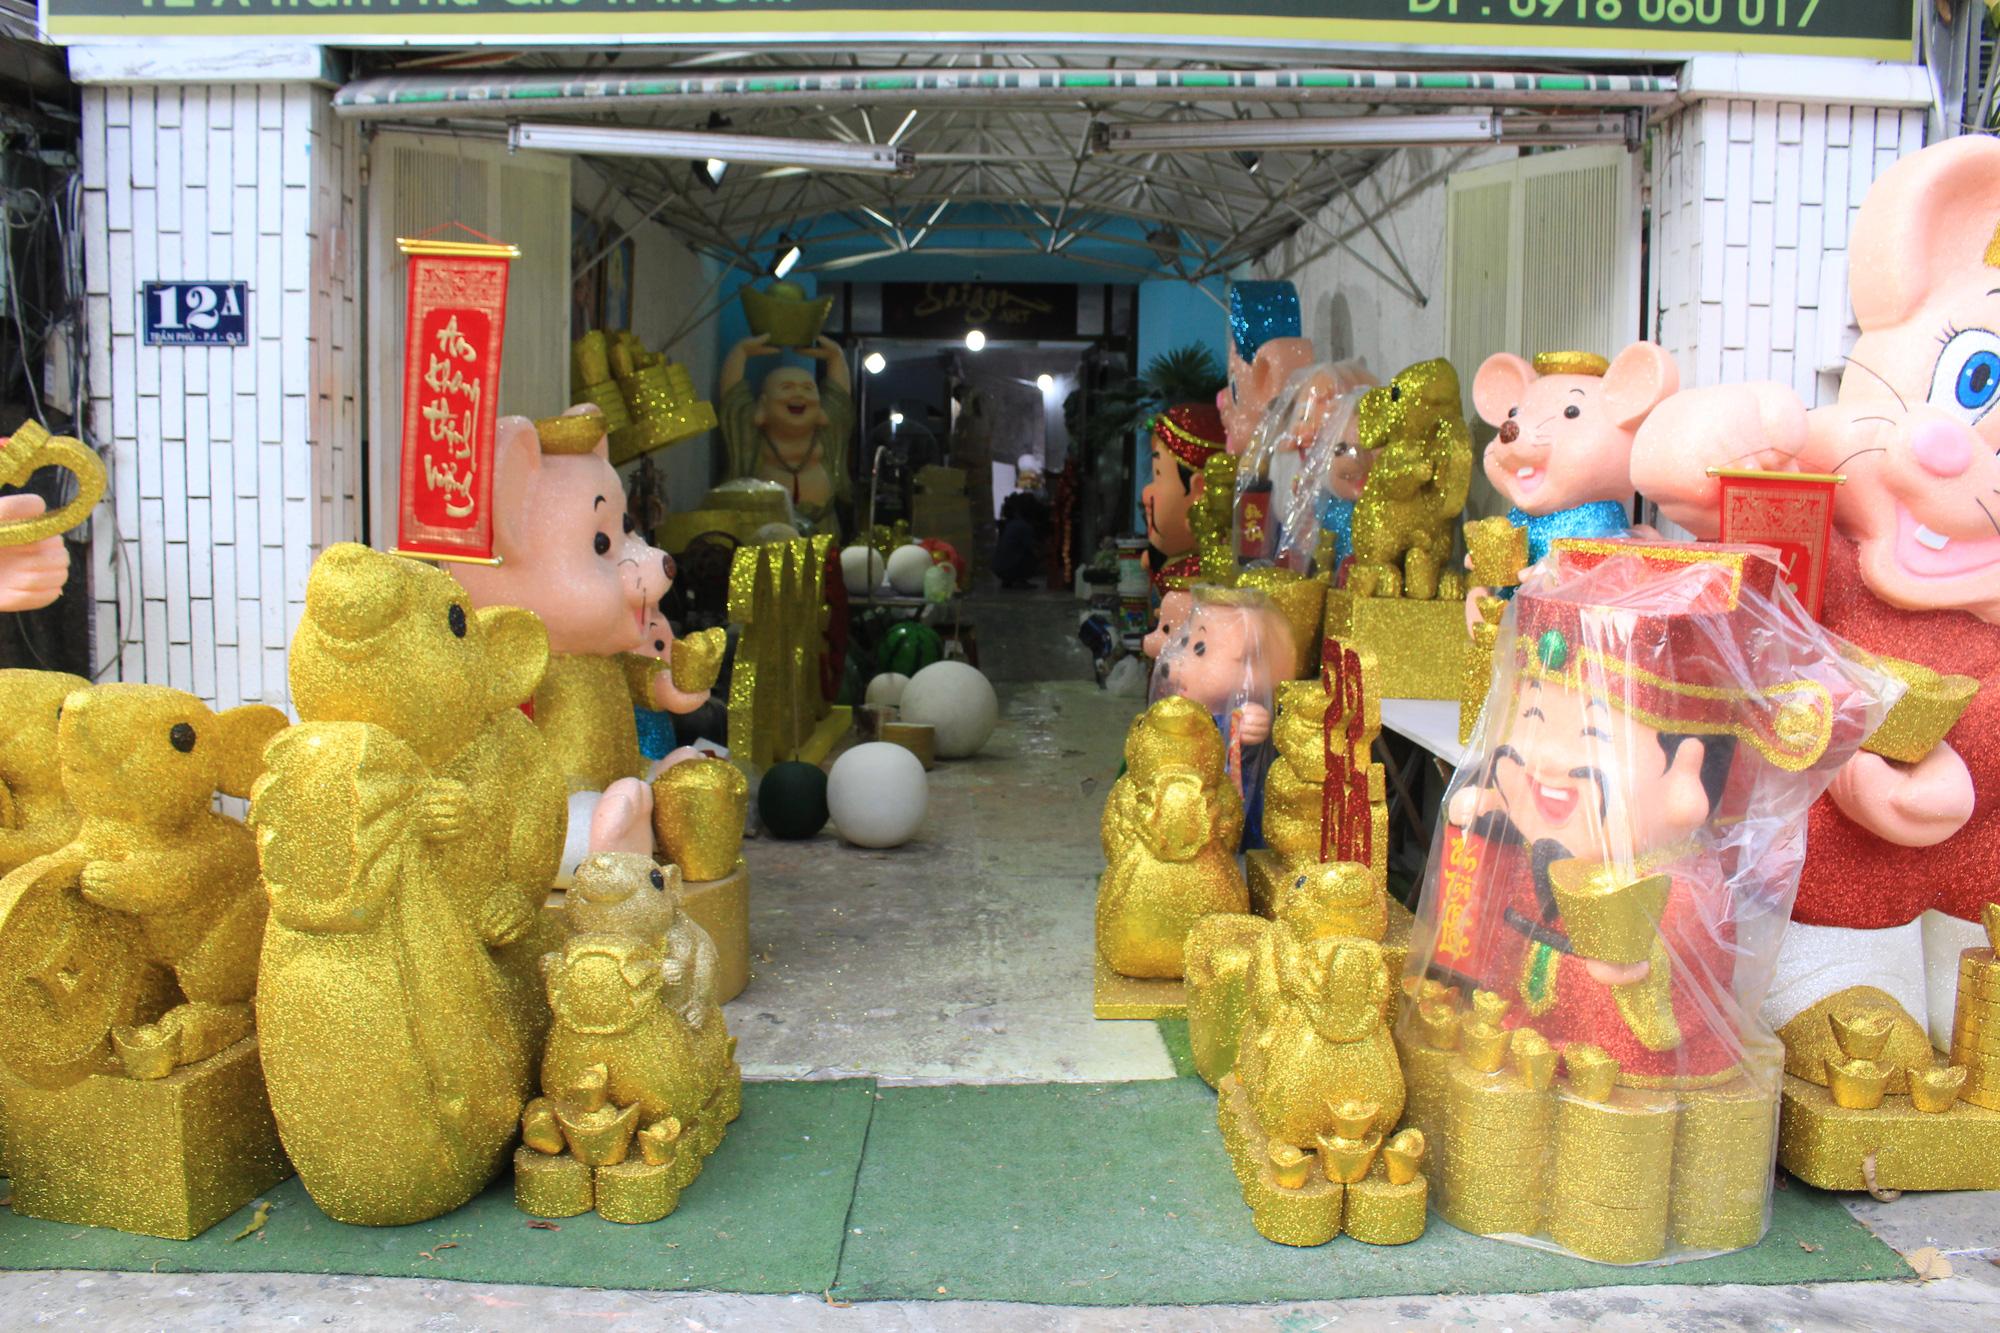 Chuột khổng lồ Tết Canh Tí chục triệu đồng ở Sài Gòn - Ảnh 1.